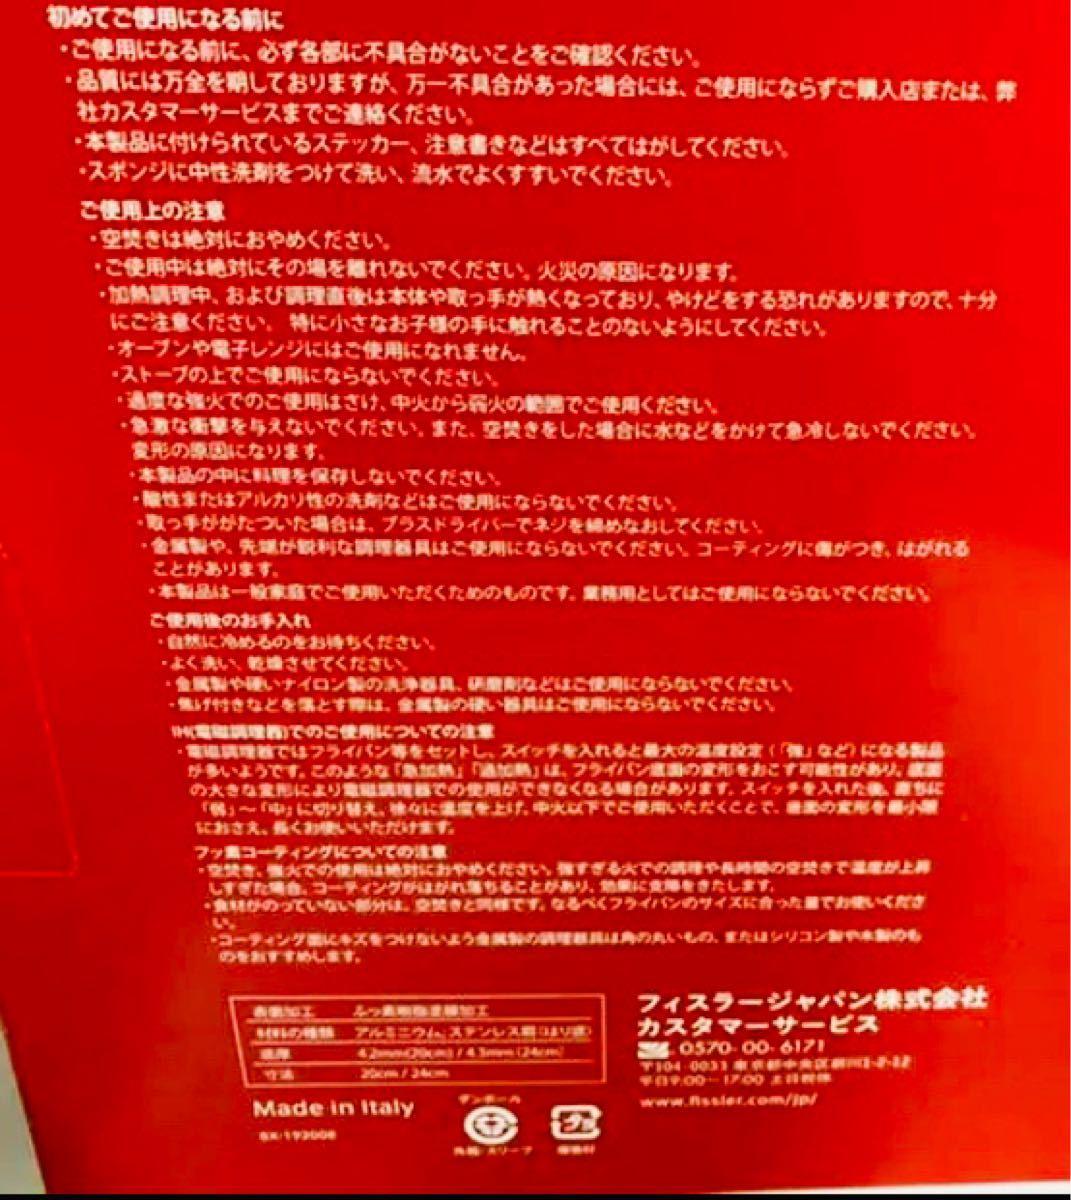 【新品】フィスラー  fissler フライパン 20cm 24cm セット IH ガス 対応 【即日発送可】